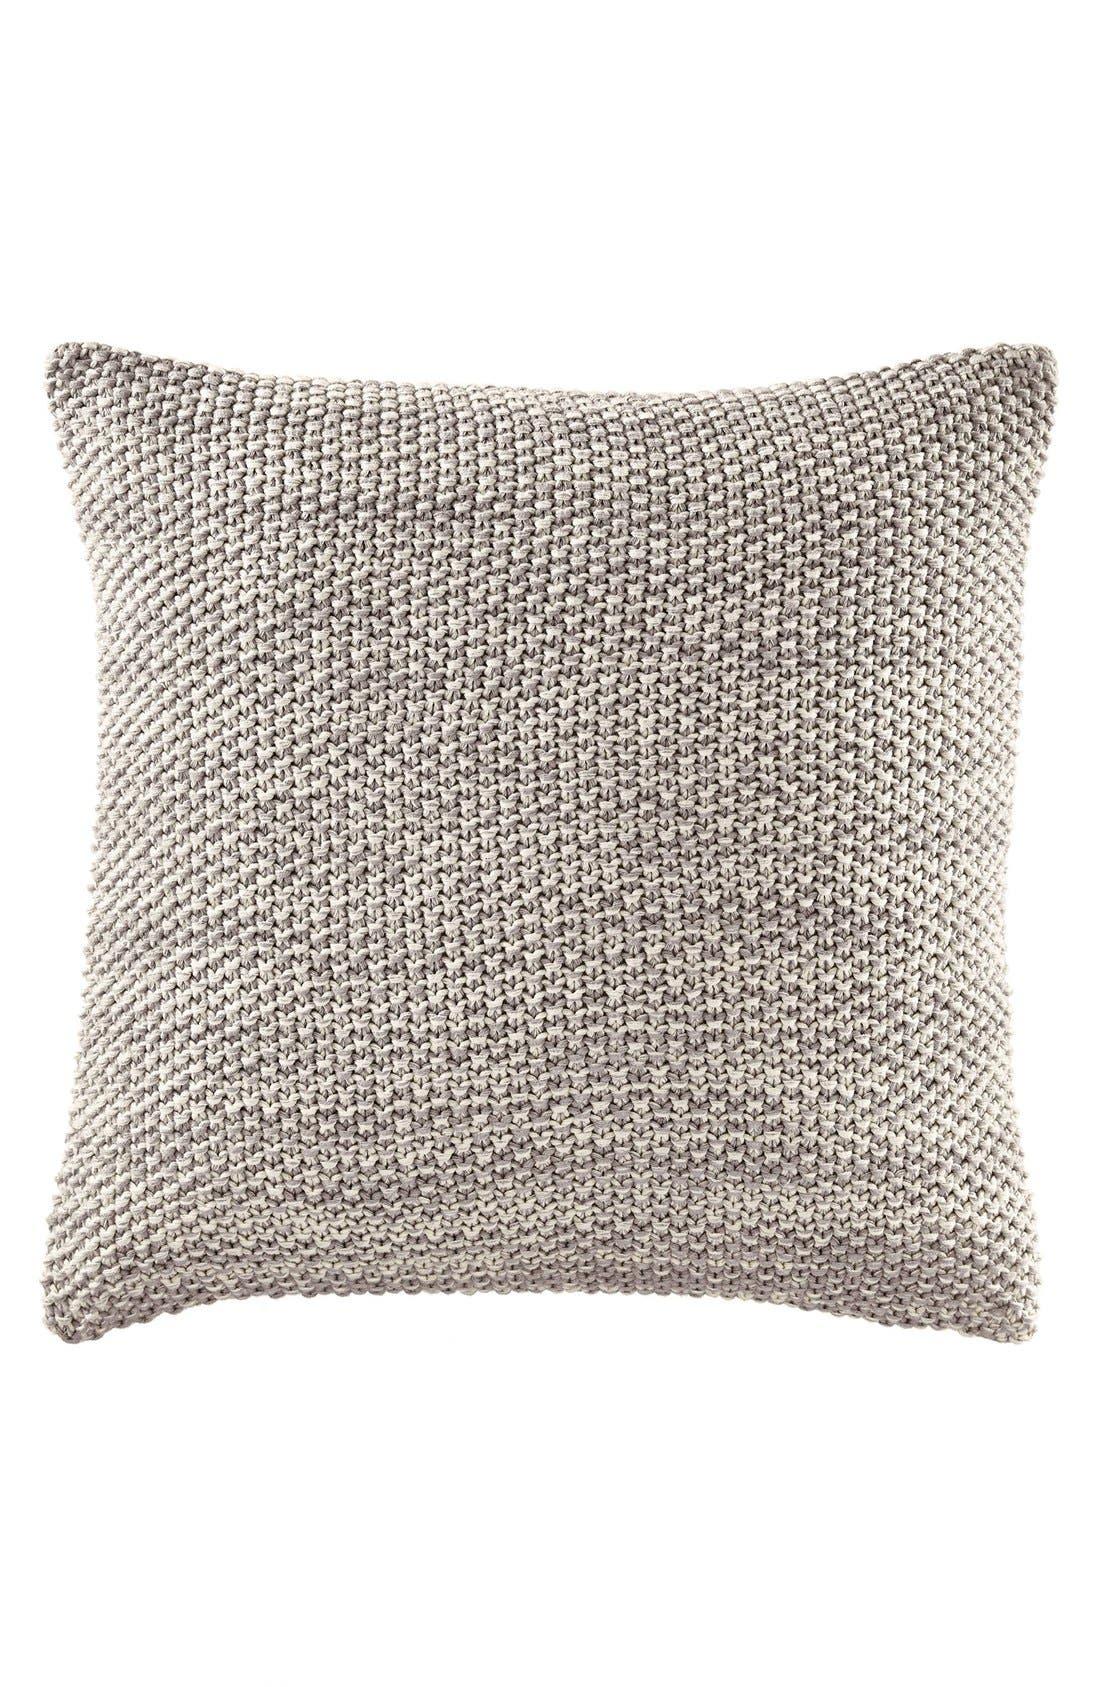 NAUTICA Bartlett Knit Accent Pillow